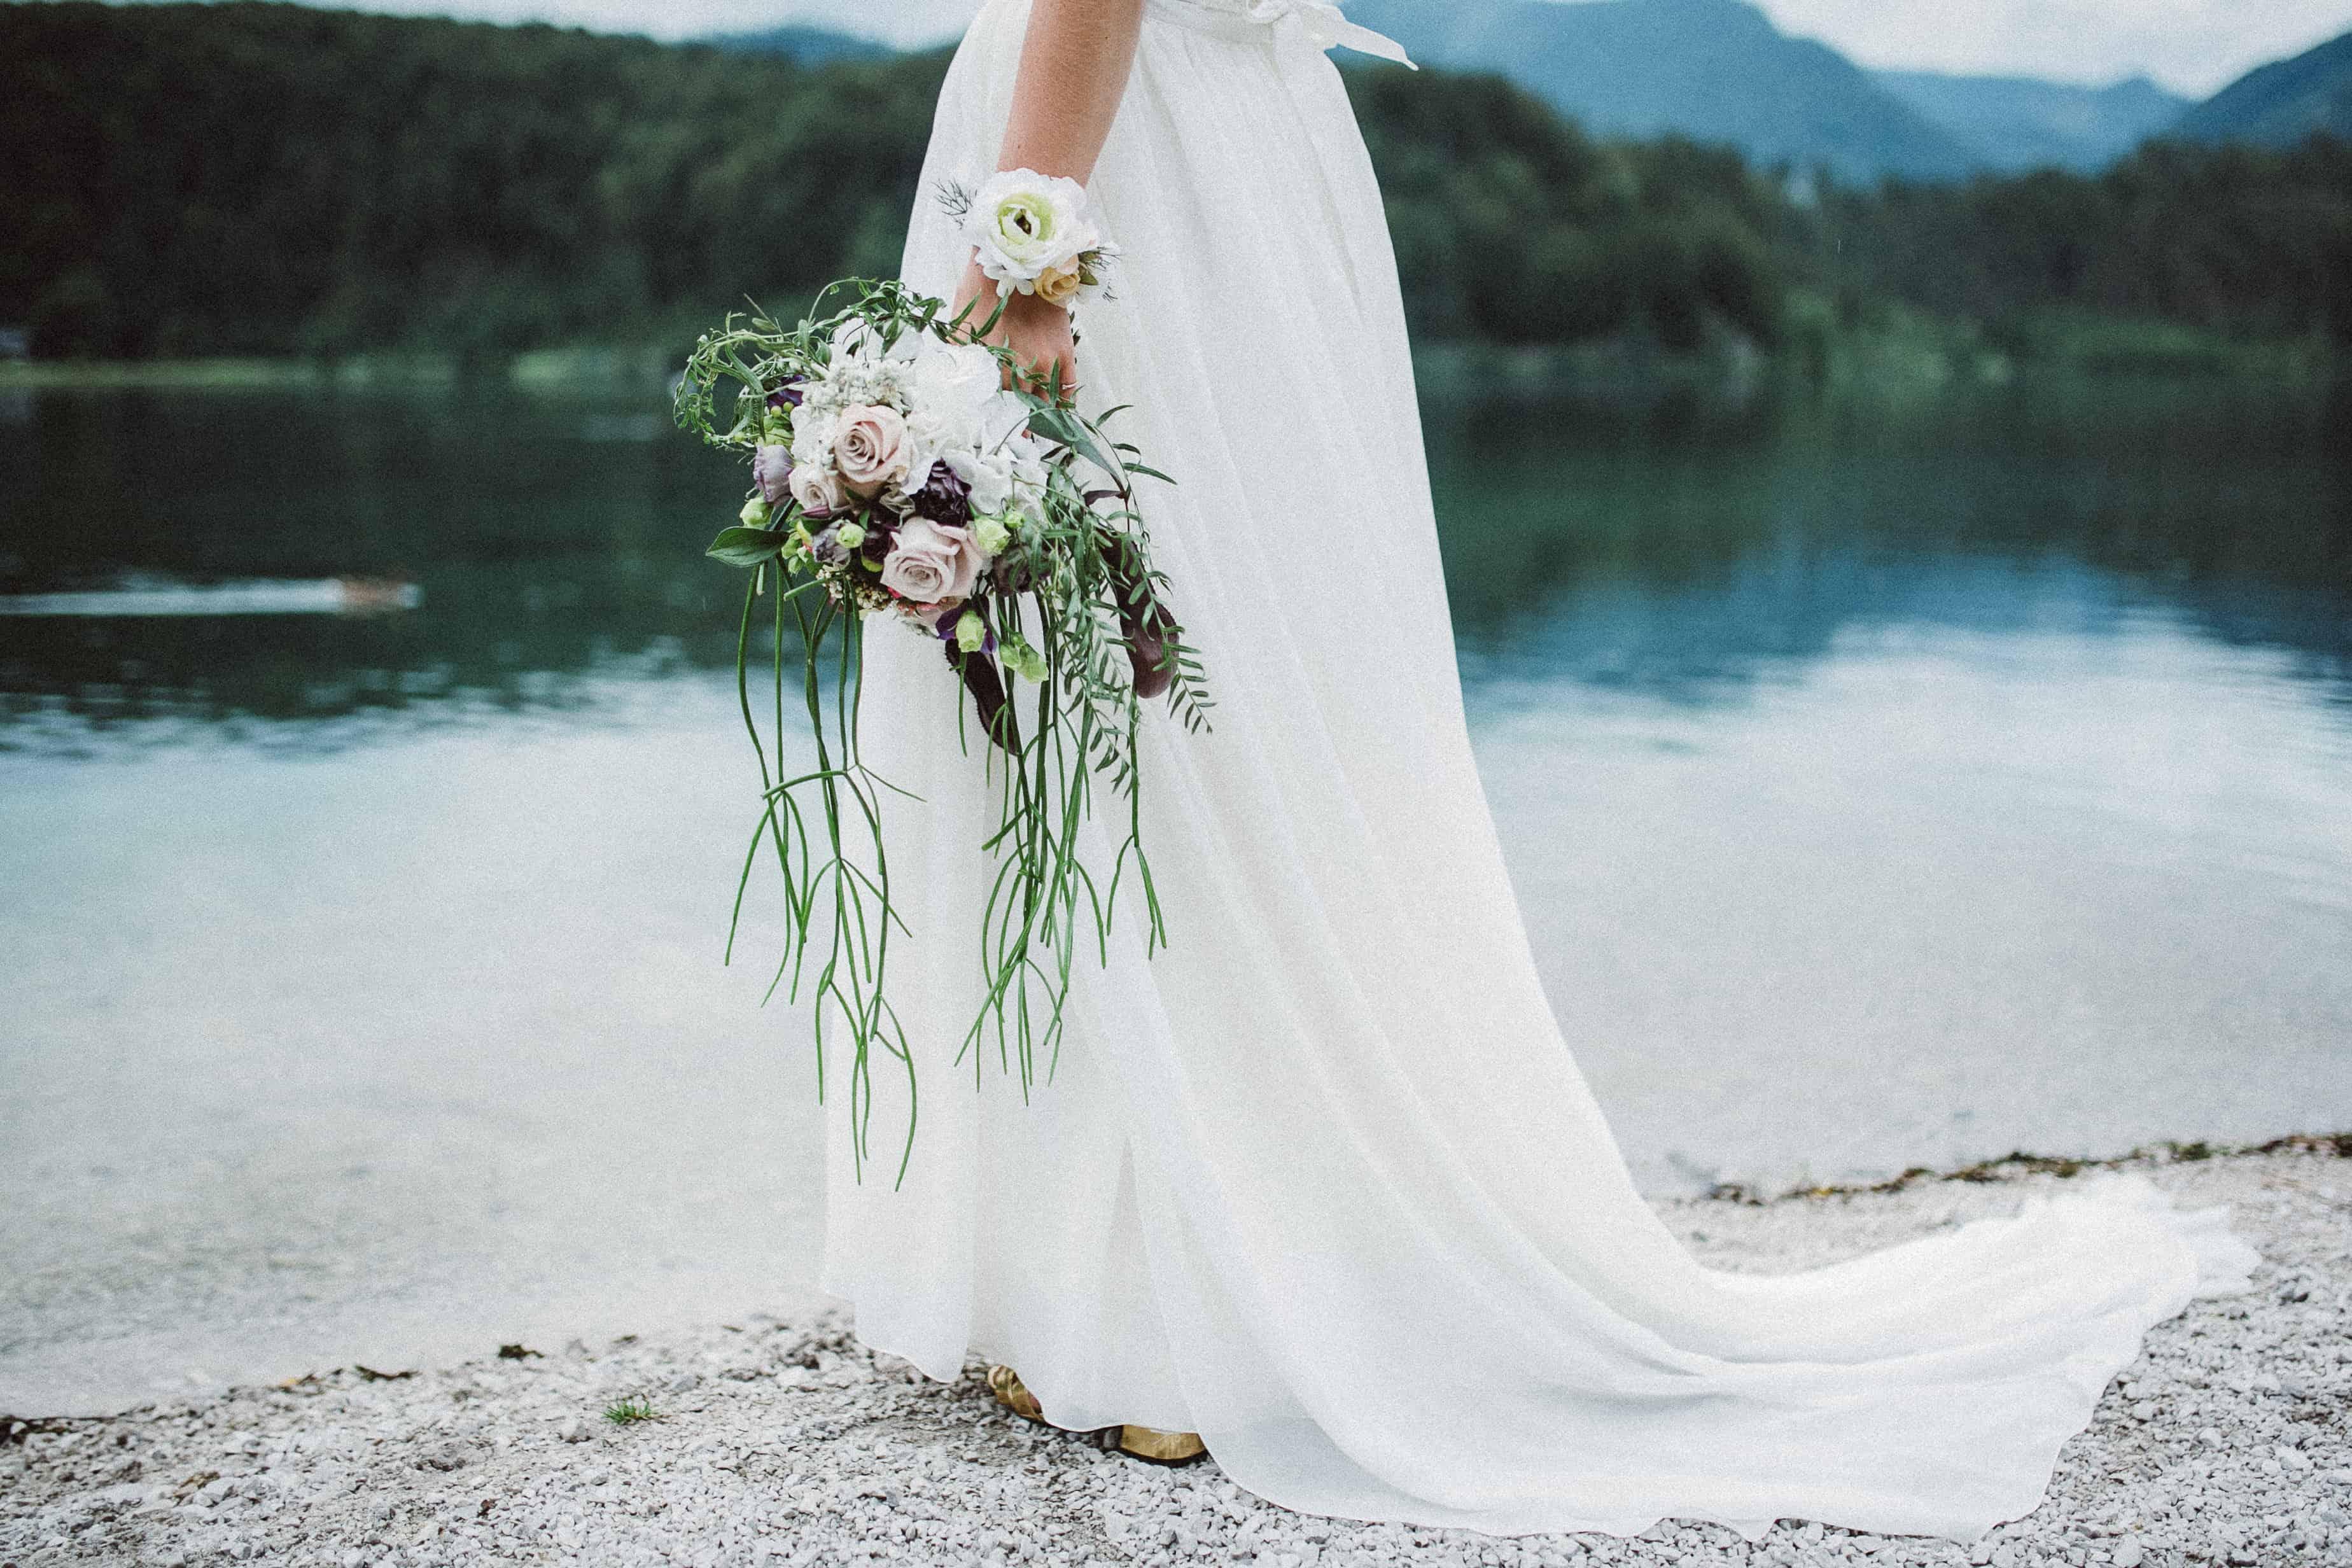 Hochzeitsfloristik Brautstrauss in hellviolett weiss und gruen mit Rosen und herunterhaengenden gruenen Pflanzen gehalten von einer Braut im weissen Kleid